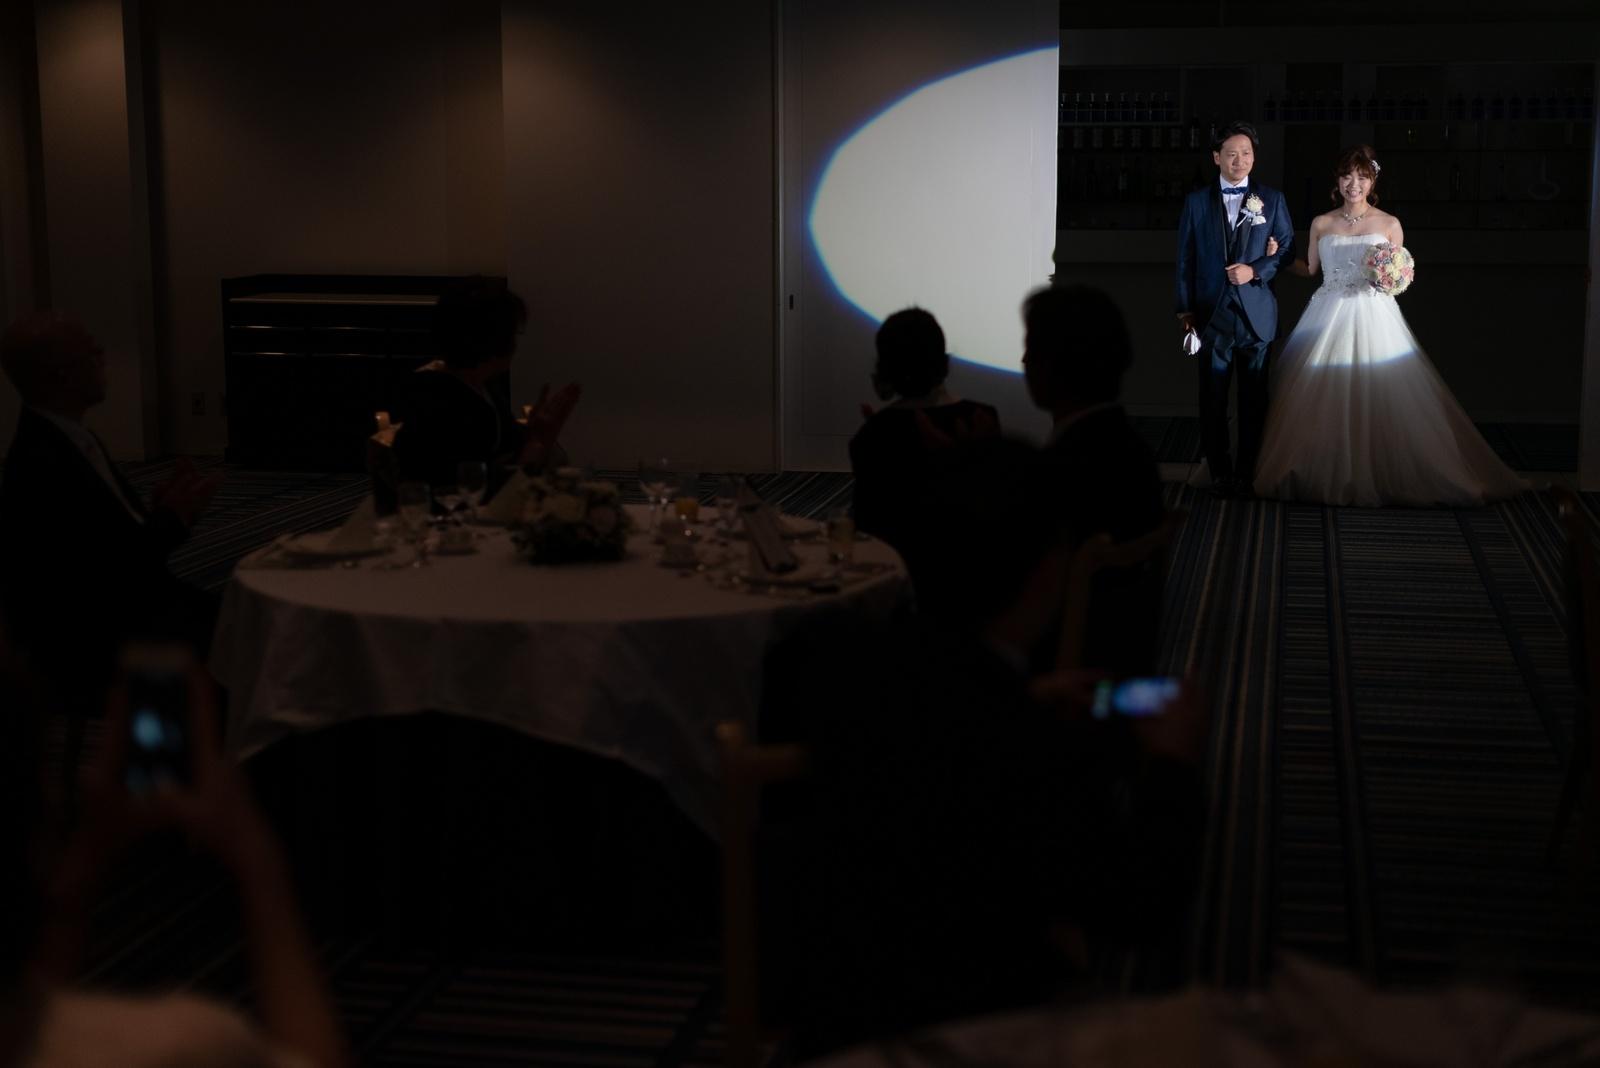 香川県の結婚式場シェルエメール&アイスタイルのご披露宴入場